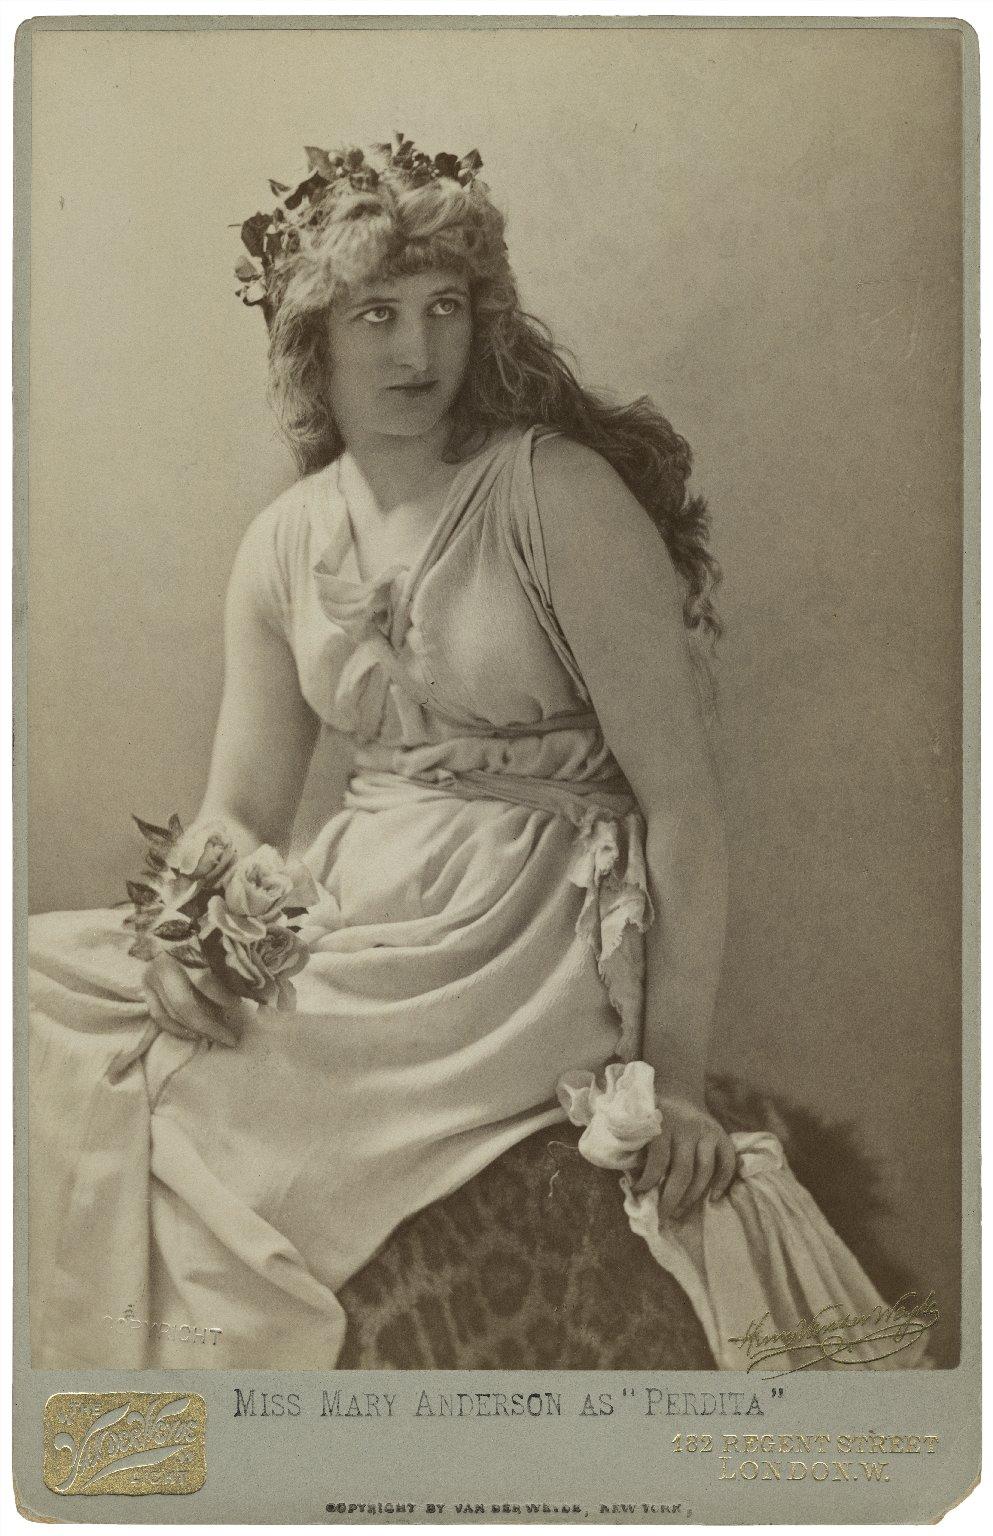 Miss Mary Anderson as Perdita [graphic] / Henry van der Weyde.